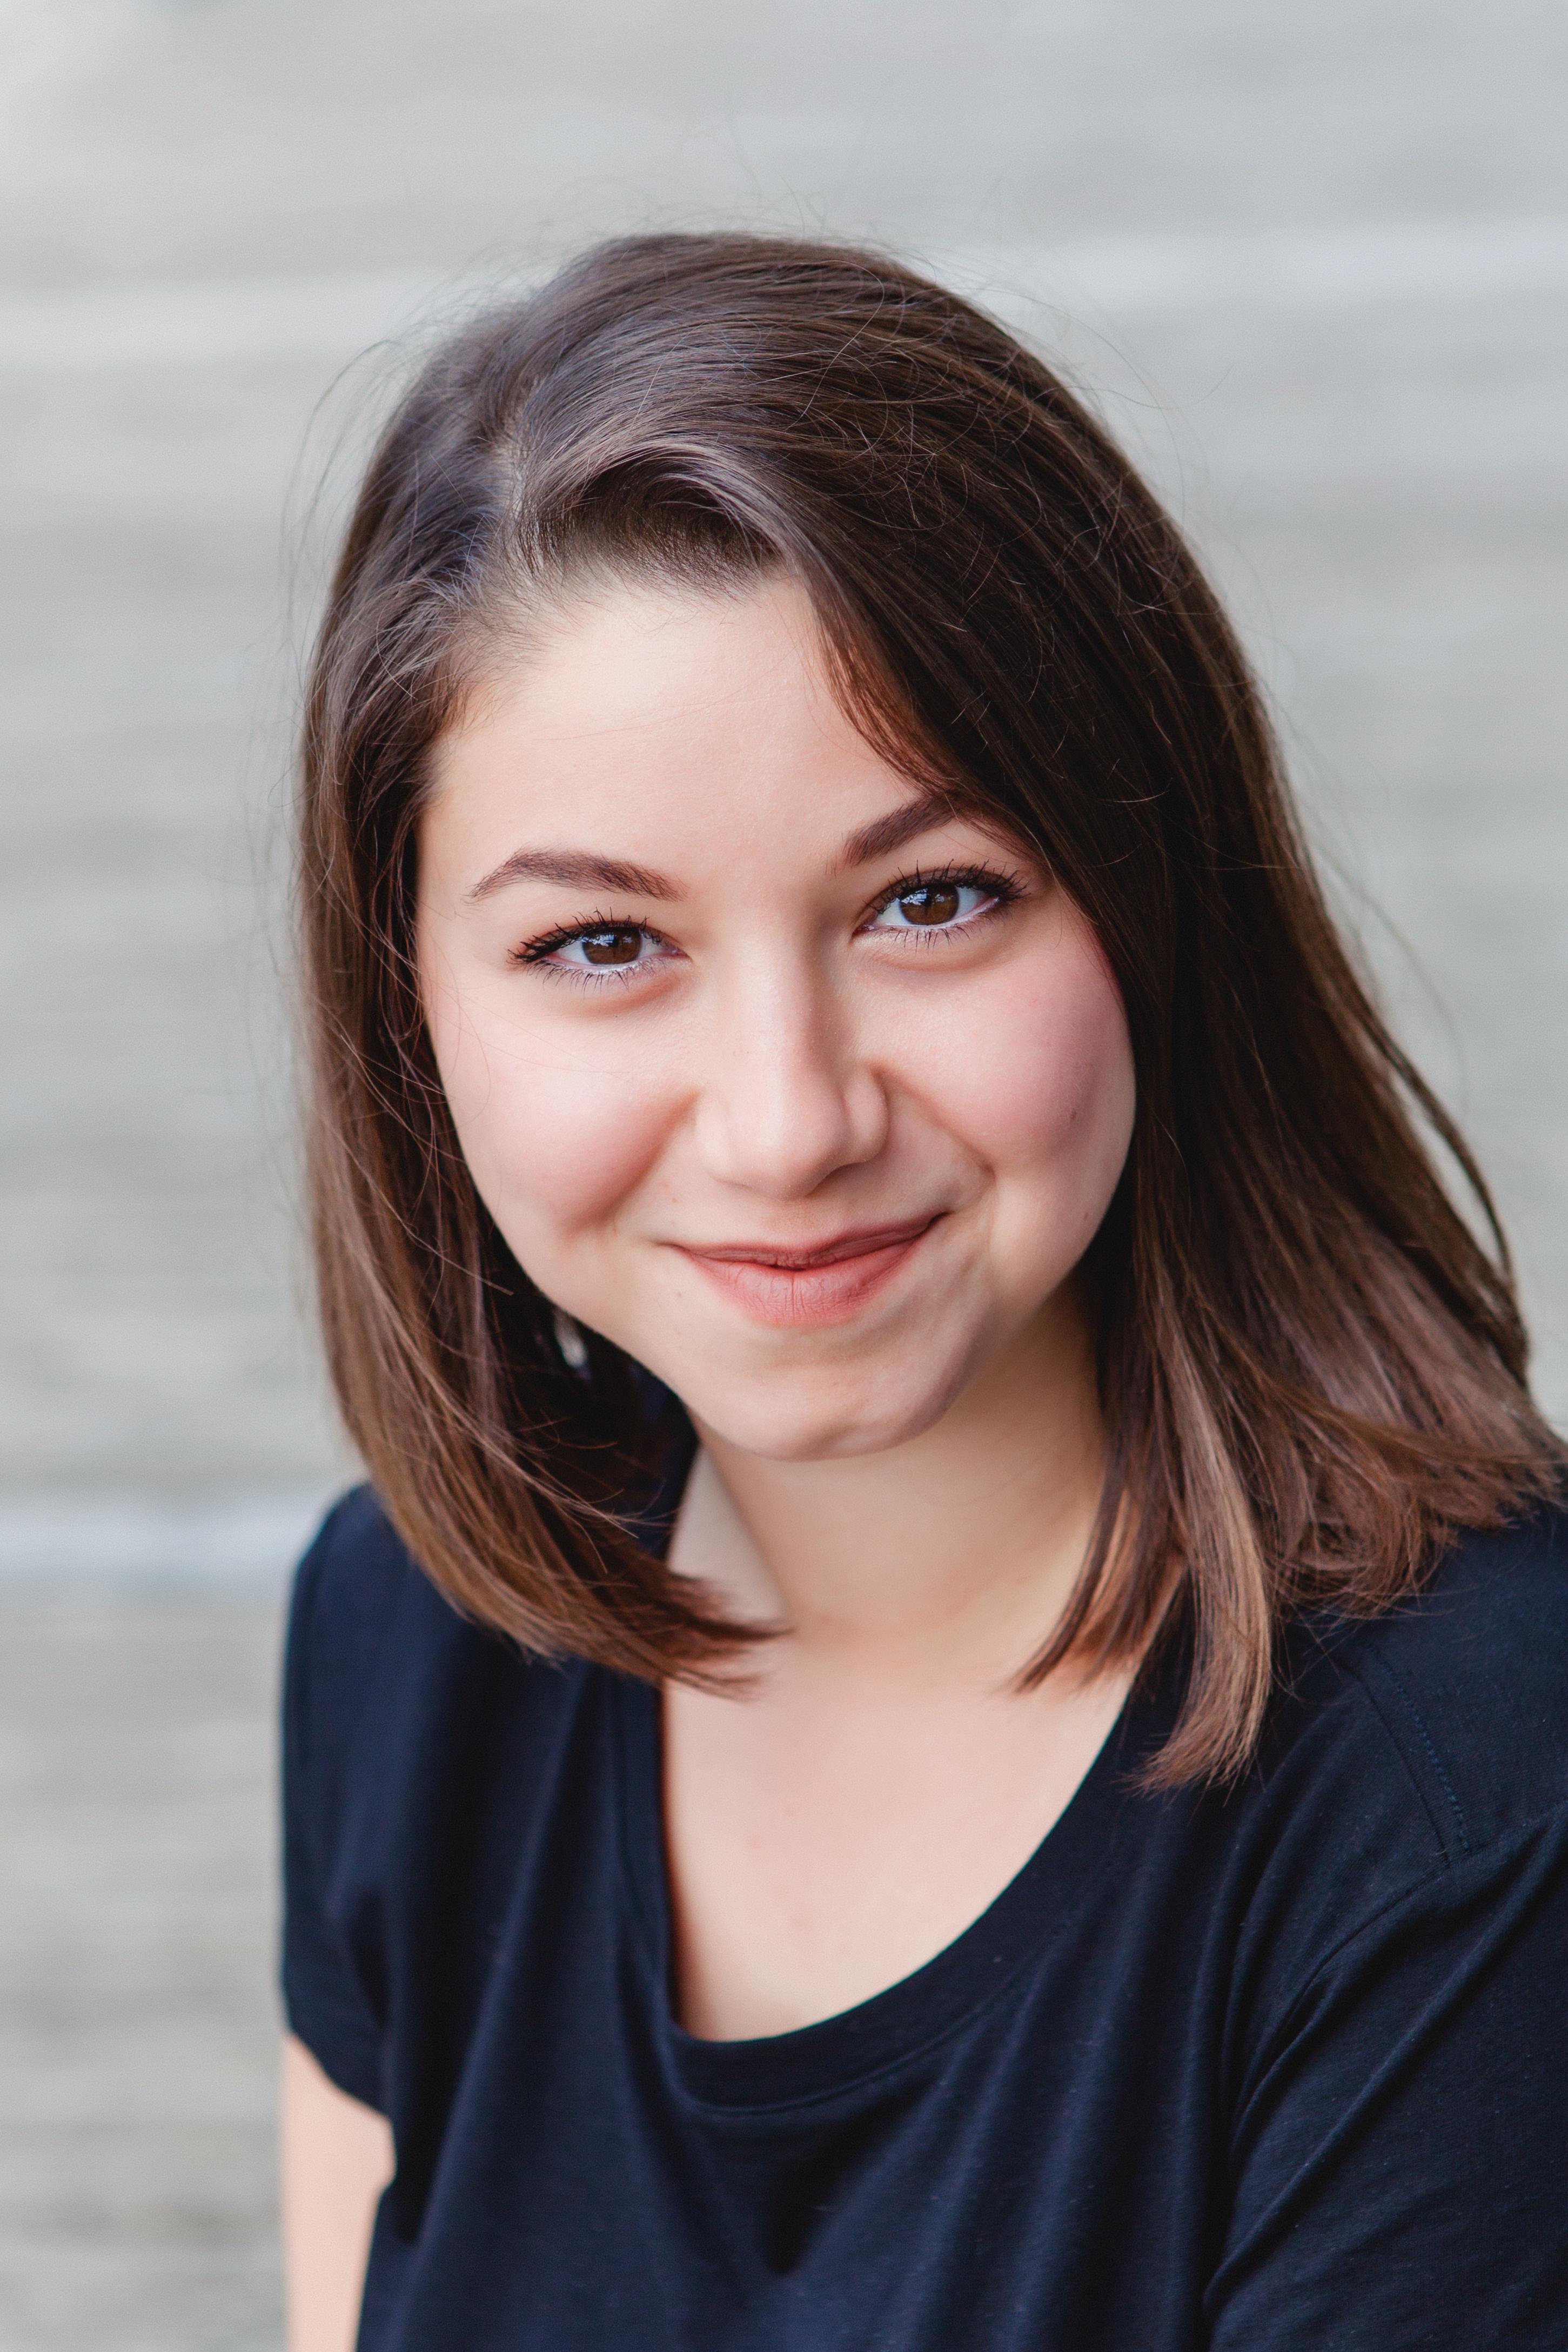 Melisa Özcinar